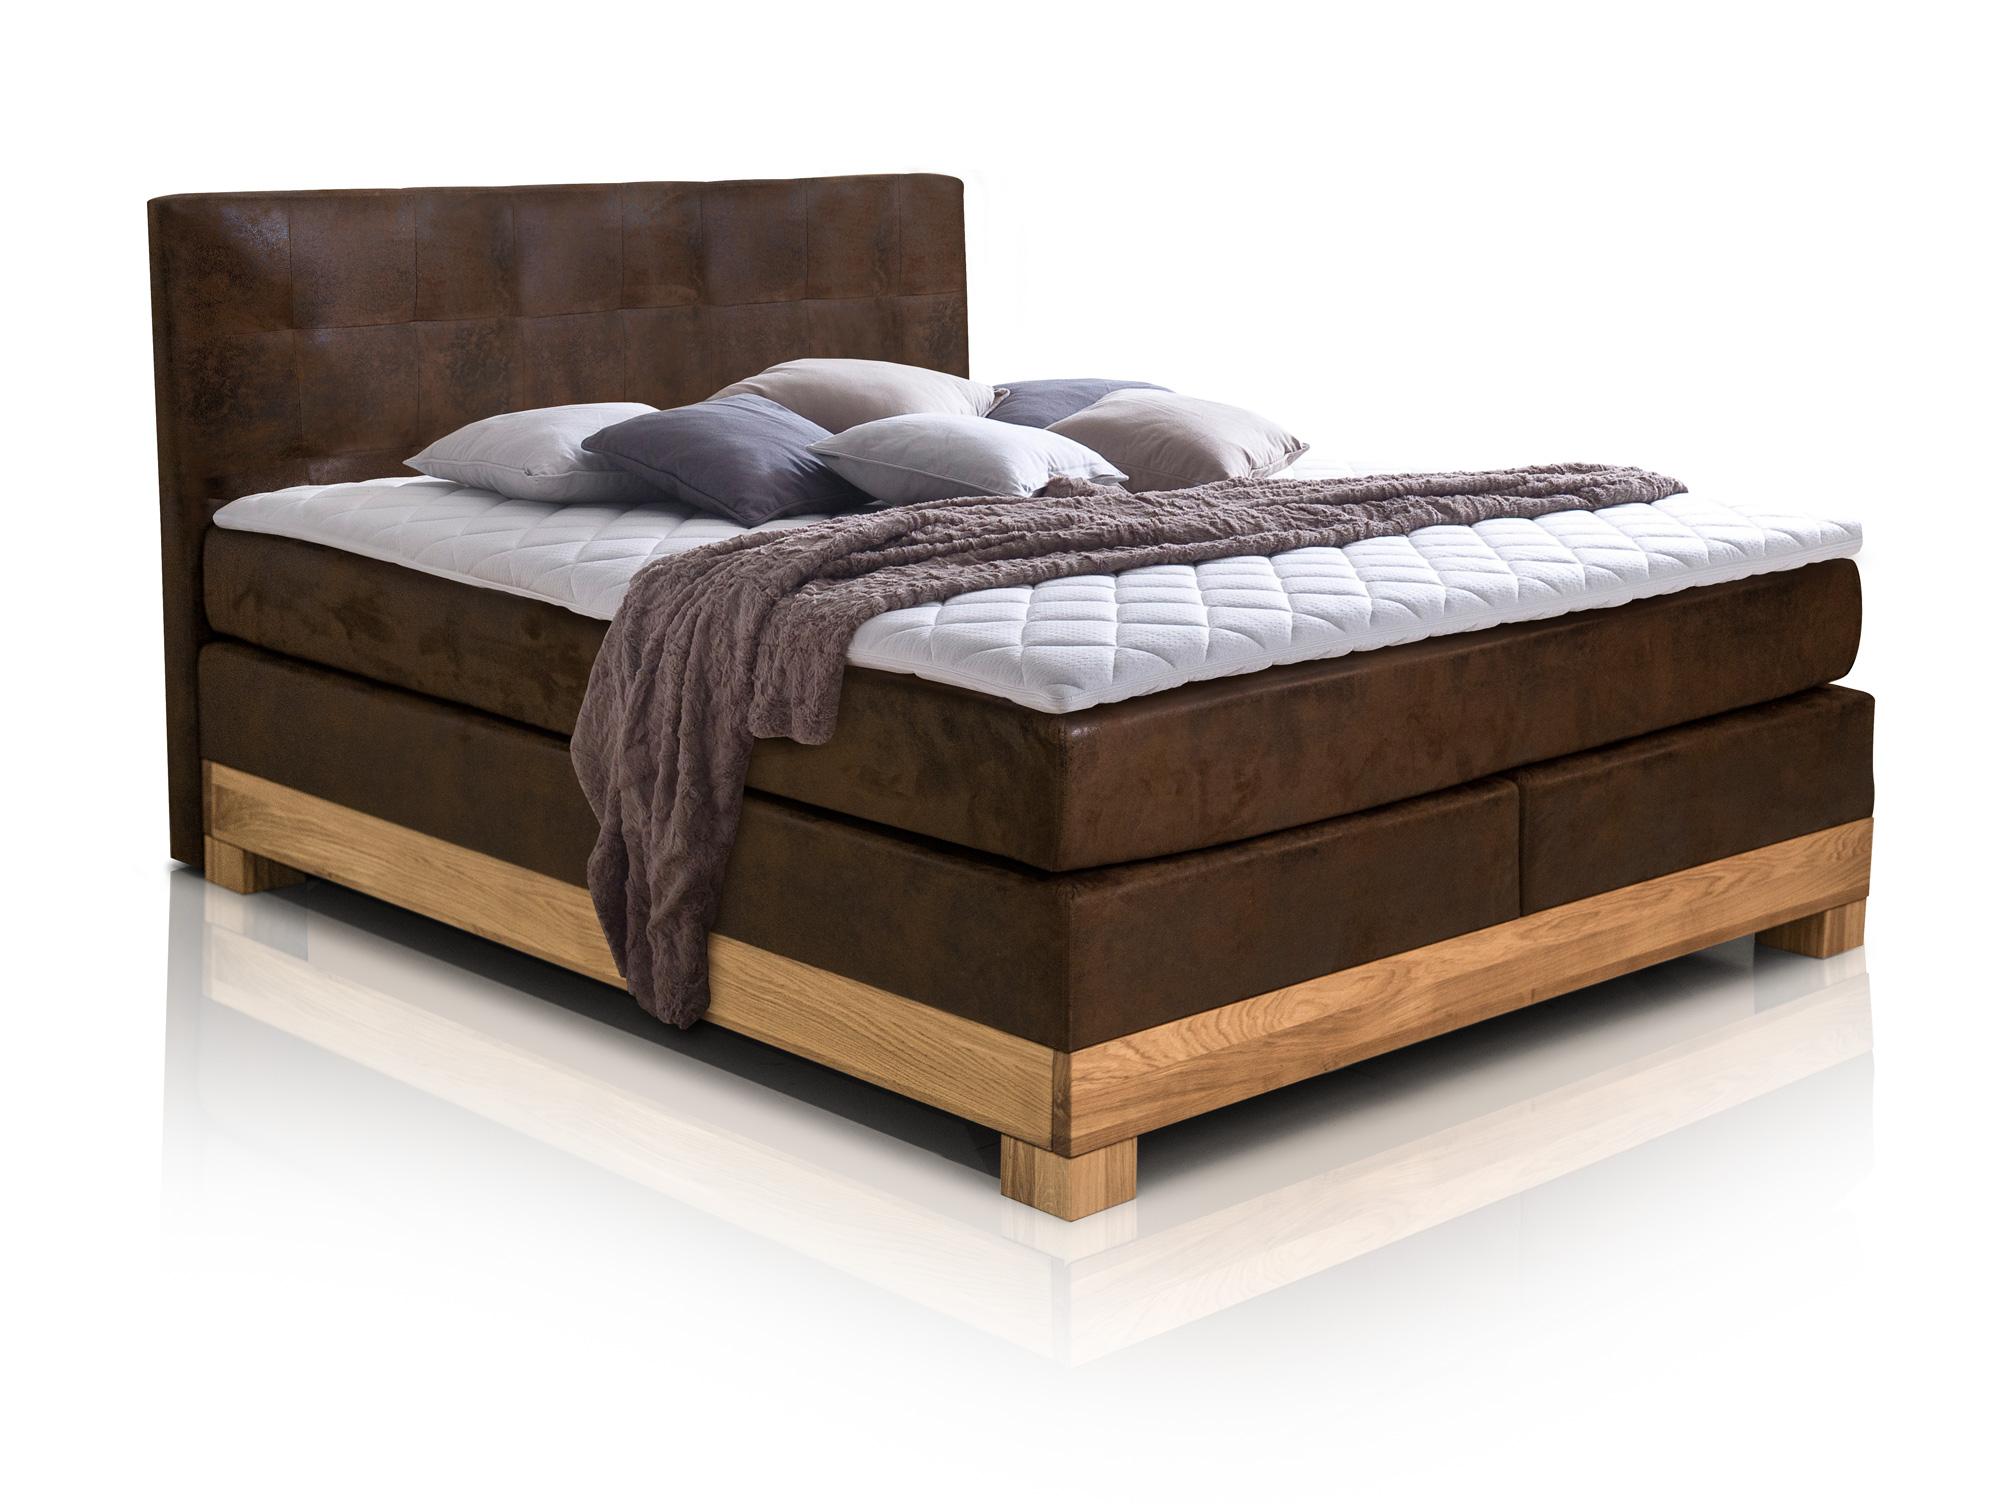 arche ii boxspringbett buffalo braun 160 x 200 cm buche h rtegrad 2. Black Bedroom Furniture Sets. Home Design Ideas